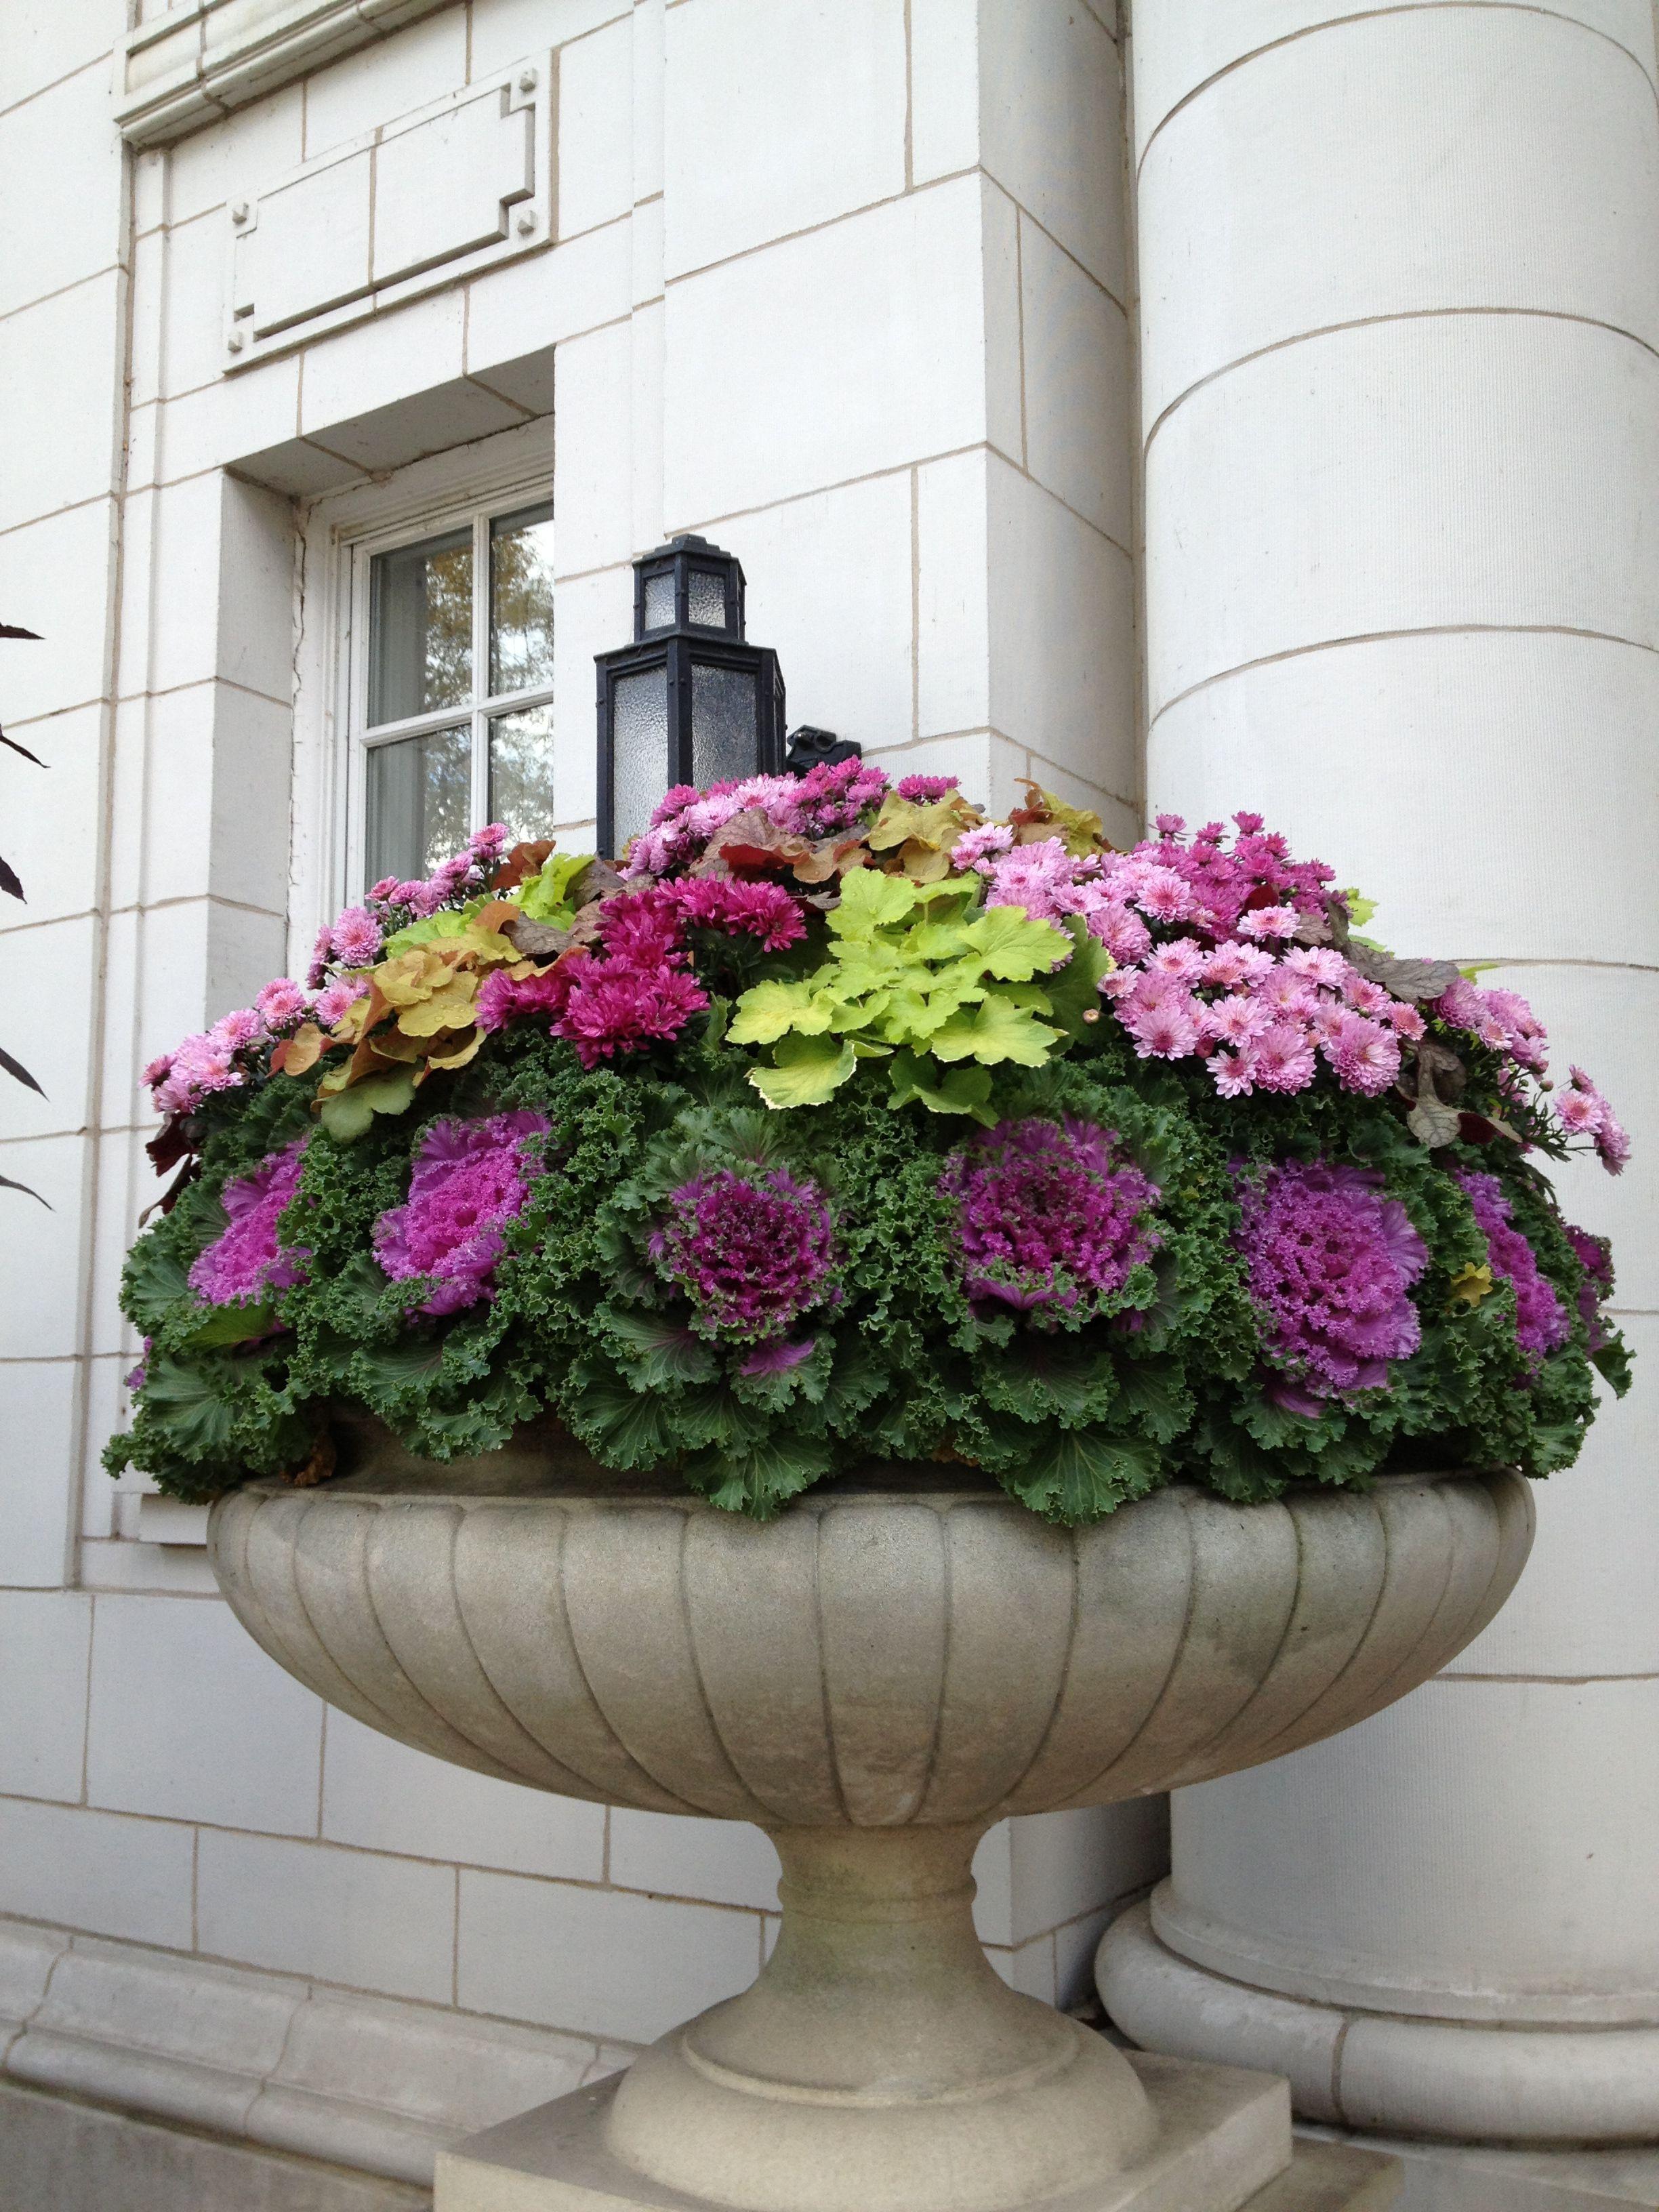 37+ Front door flower pot ideas ideas in 2021